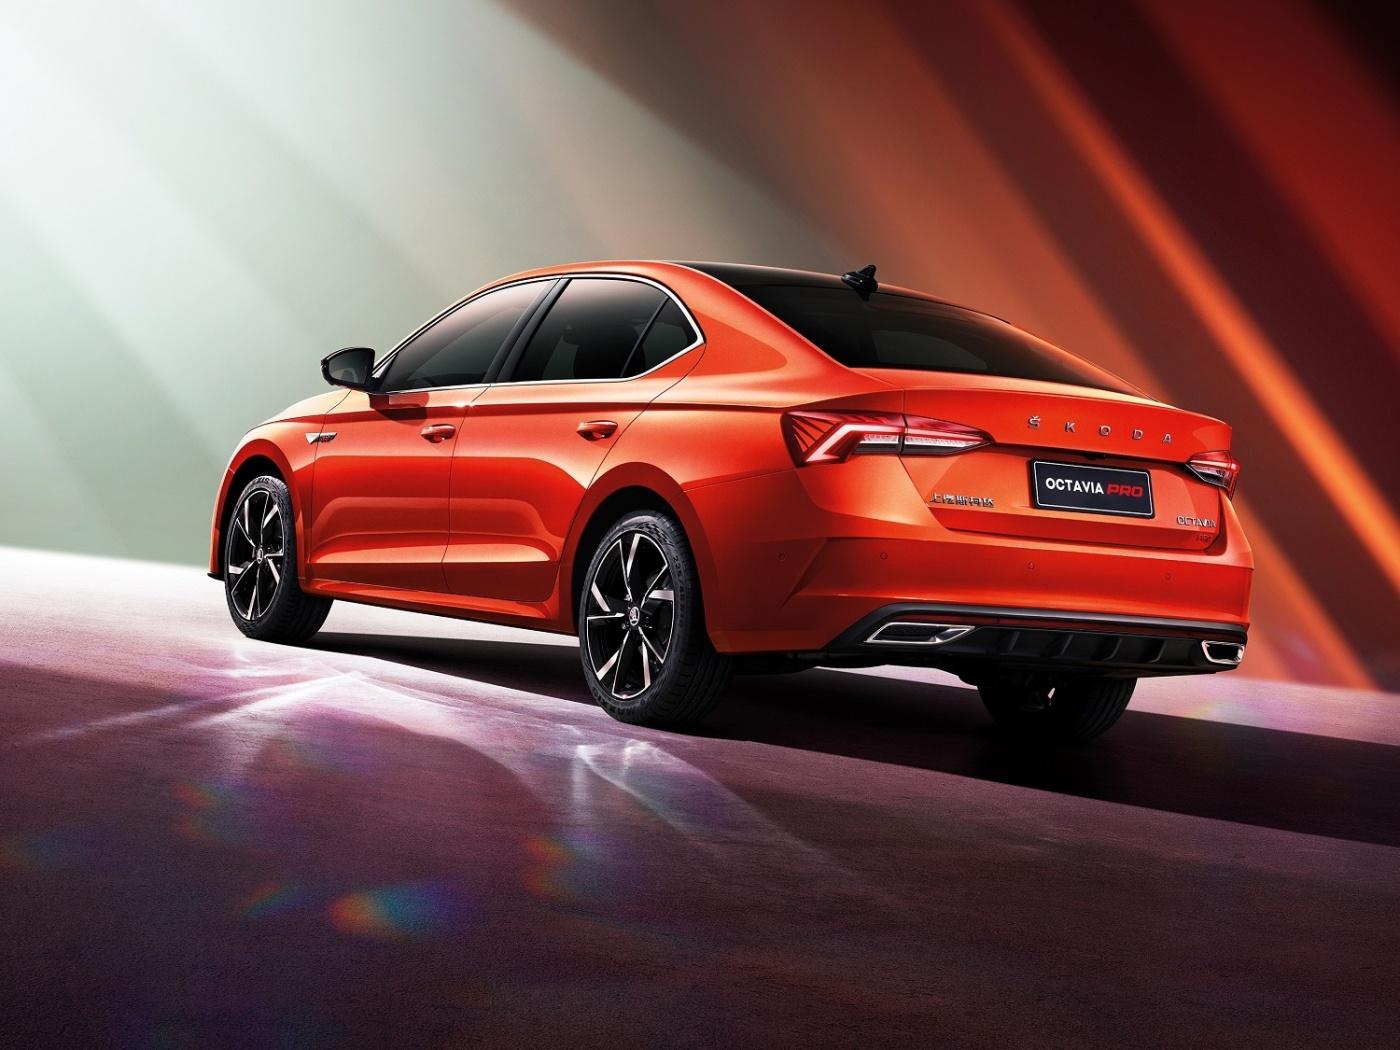 Pro Čínu Škoda připravila Octavii PRO s delším rozvorem a větším displejem